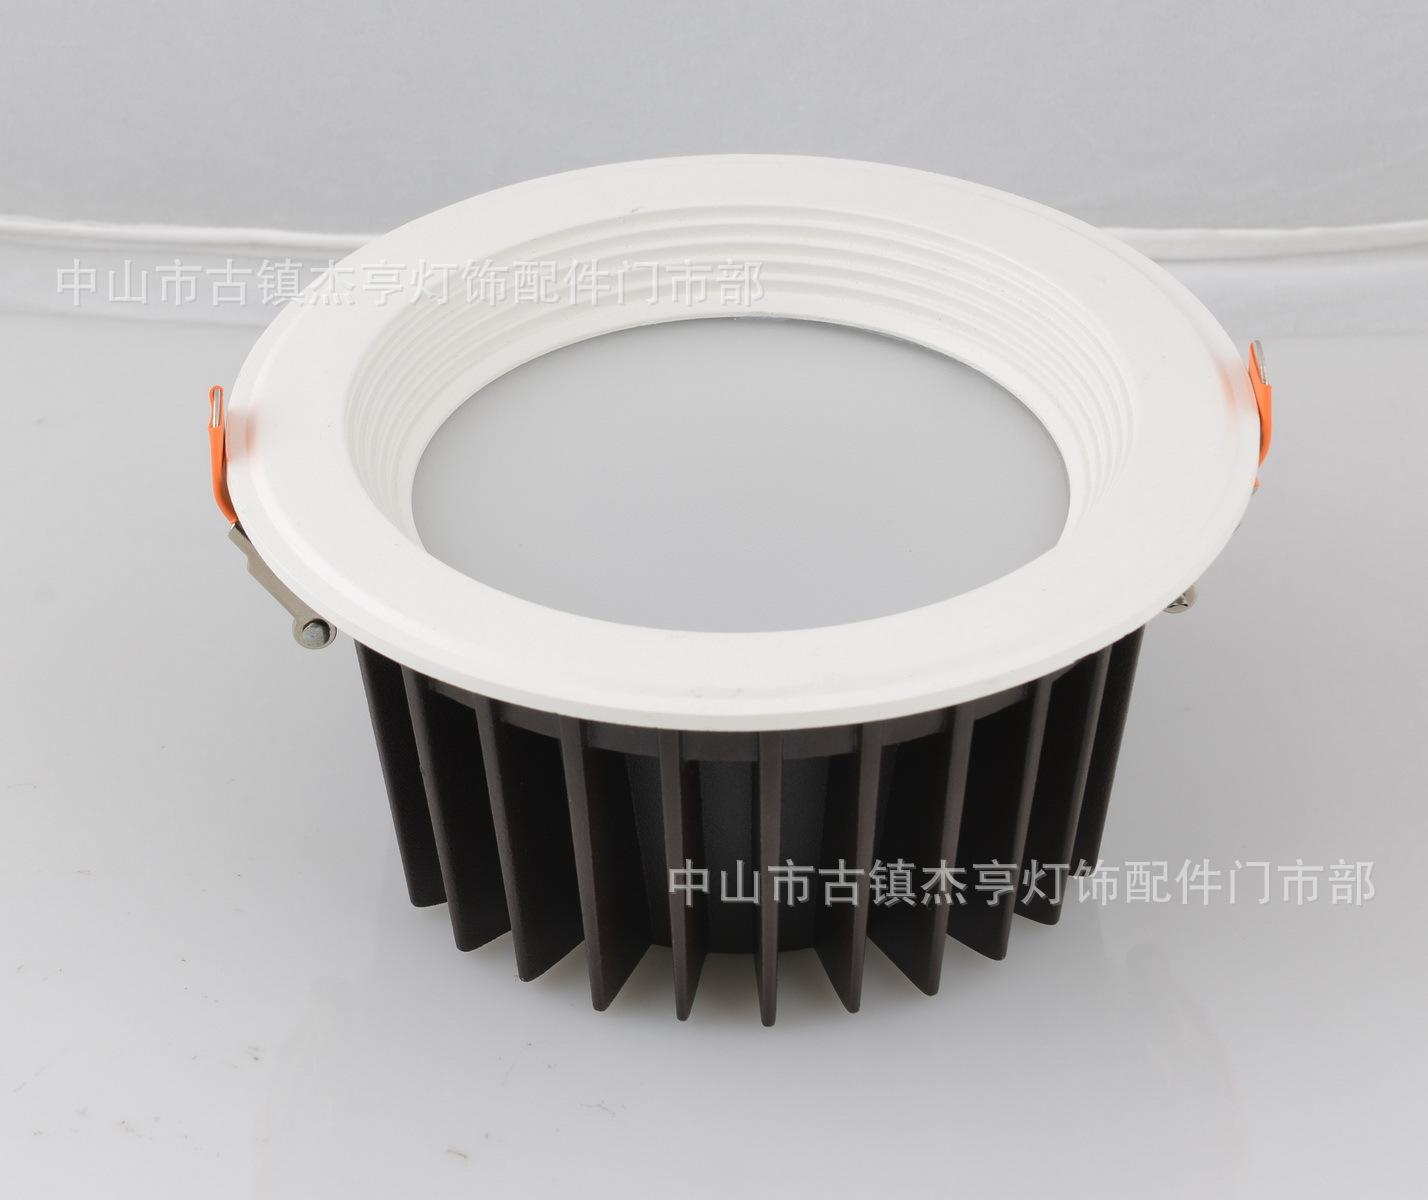 10寸60W镁合金材质COB筒灯外壳 SMD5630贴片筒灯外壳 led灯具外壳